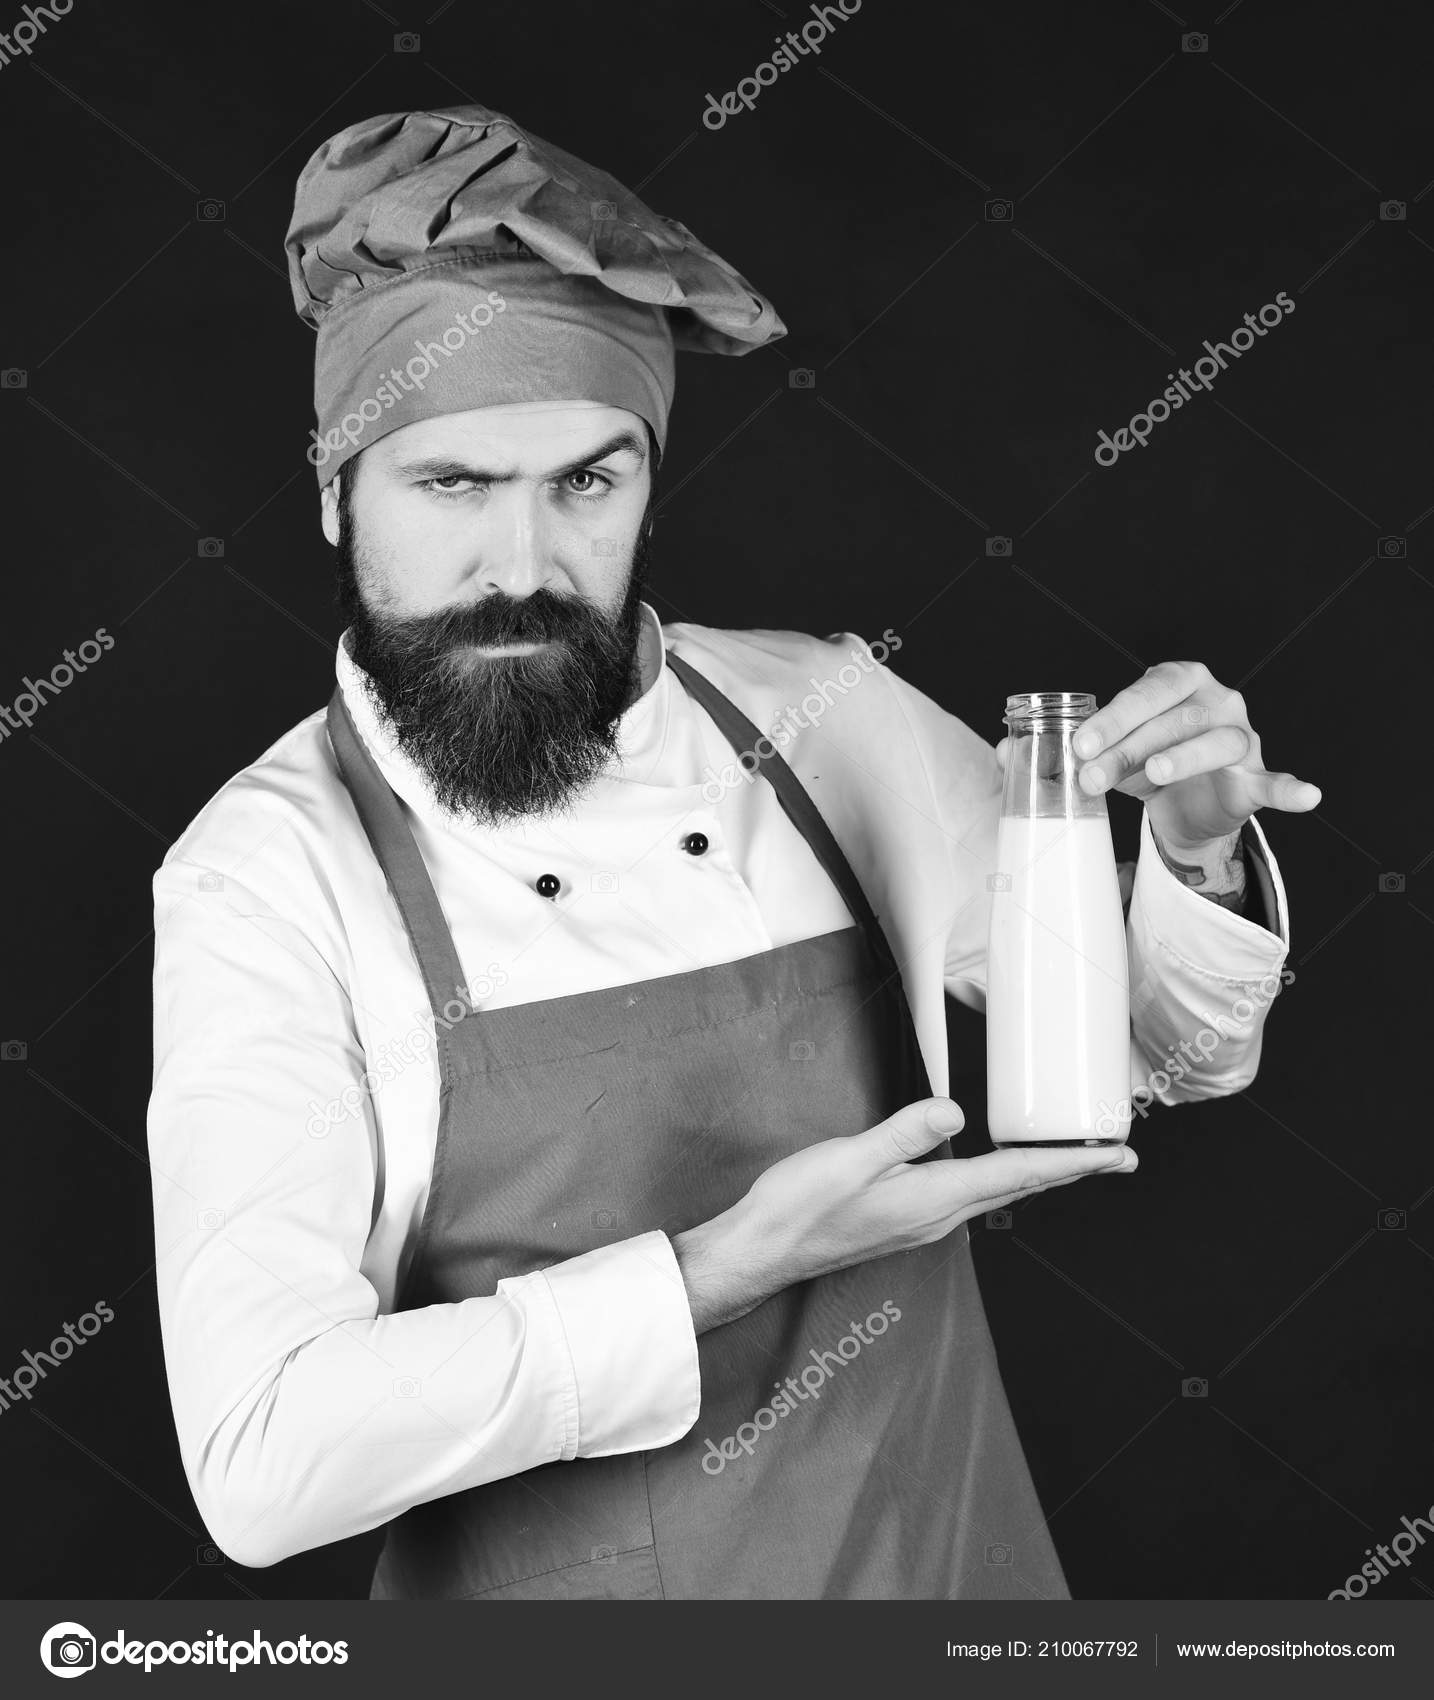 Шеф-повар с молочный коктейль или йогурт. Концепция диета белка.